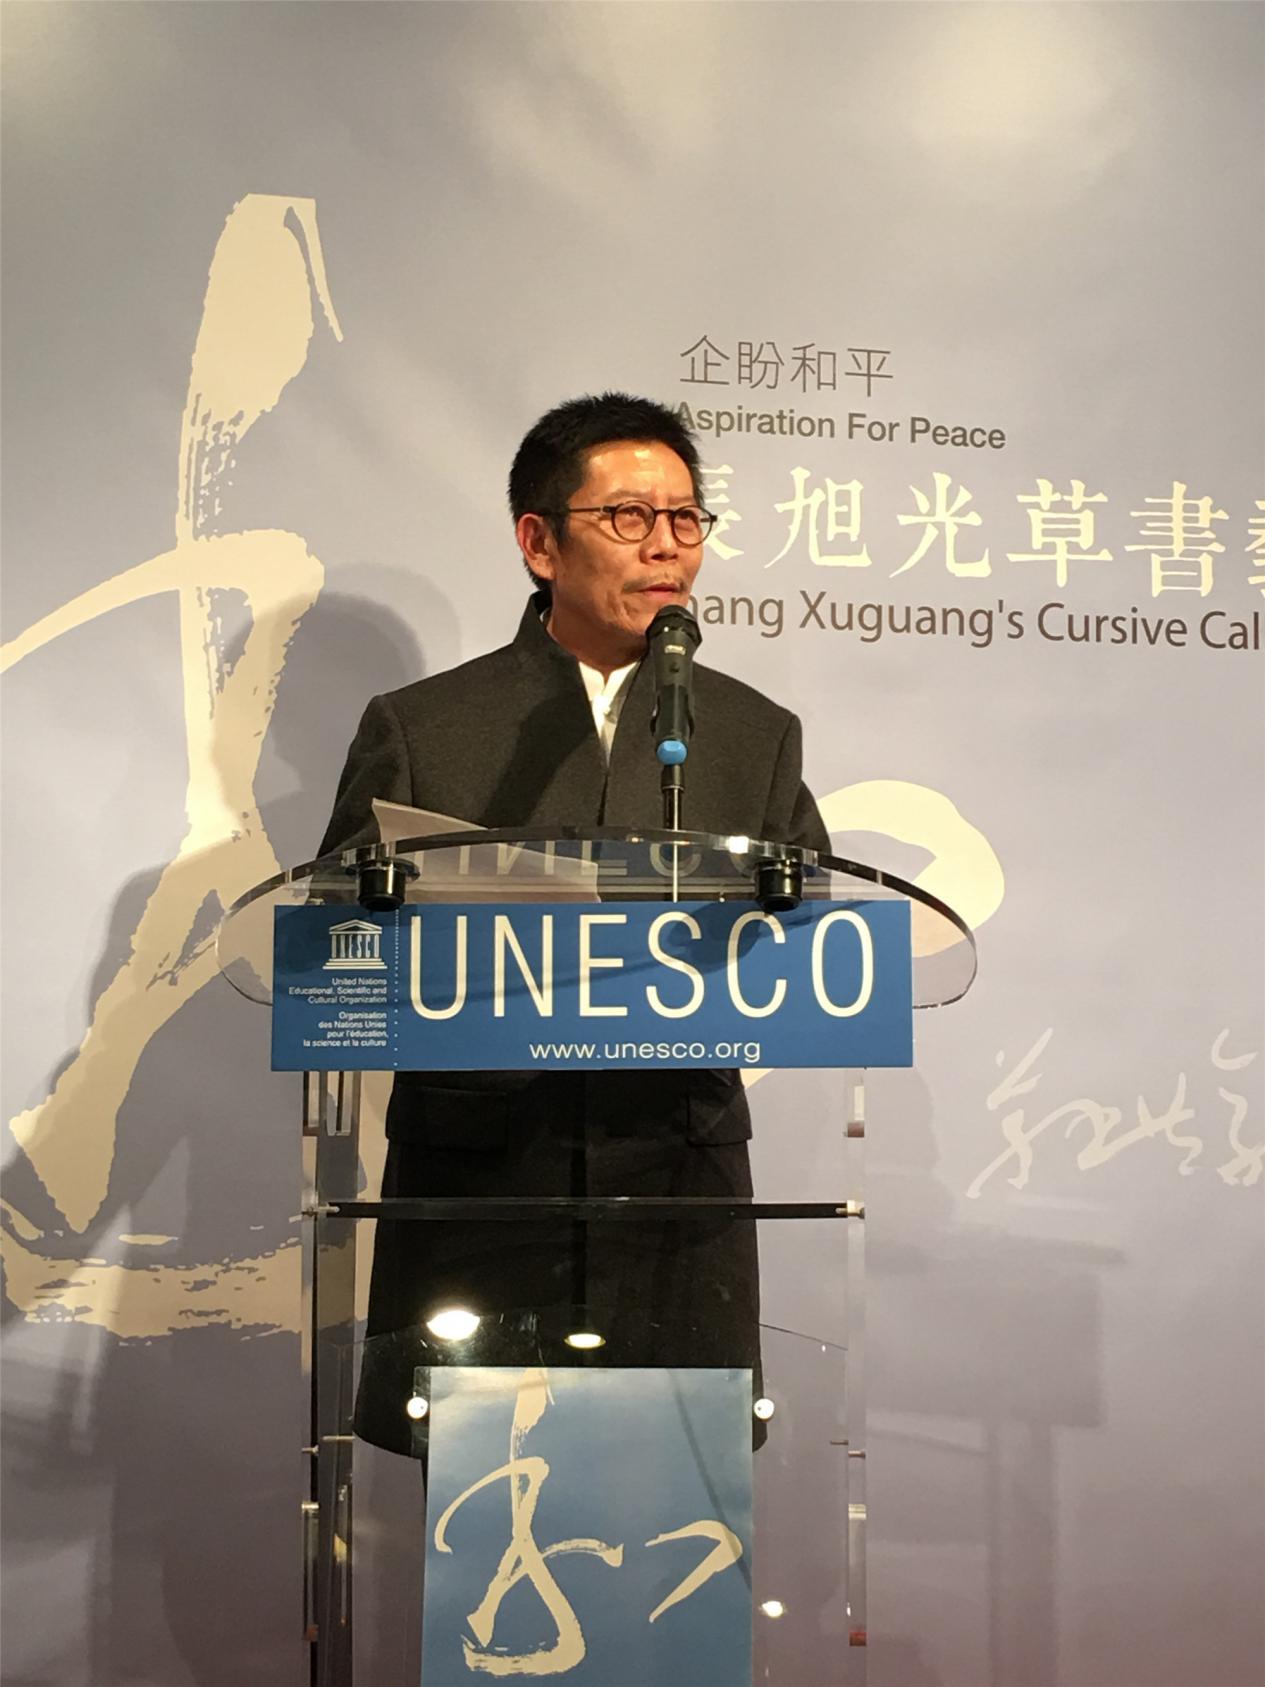 张旭光草书艺术巴黎展在联合国教科文组织总部隆重开幕